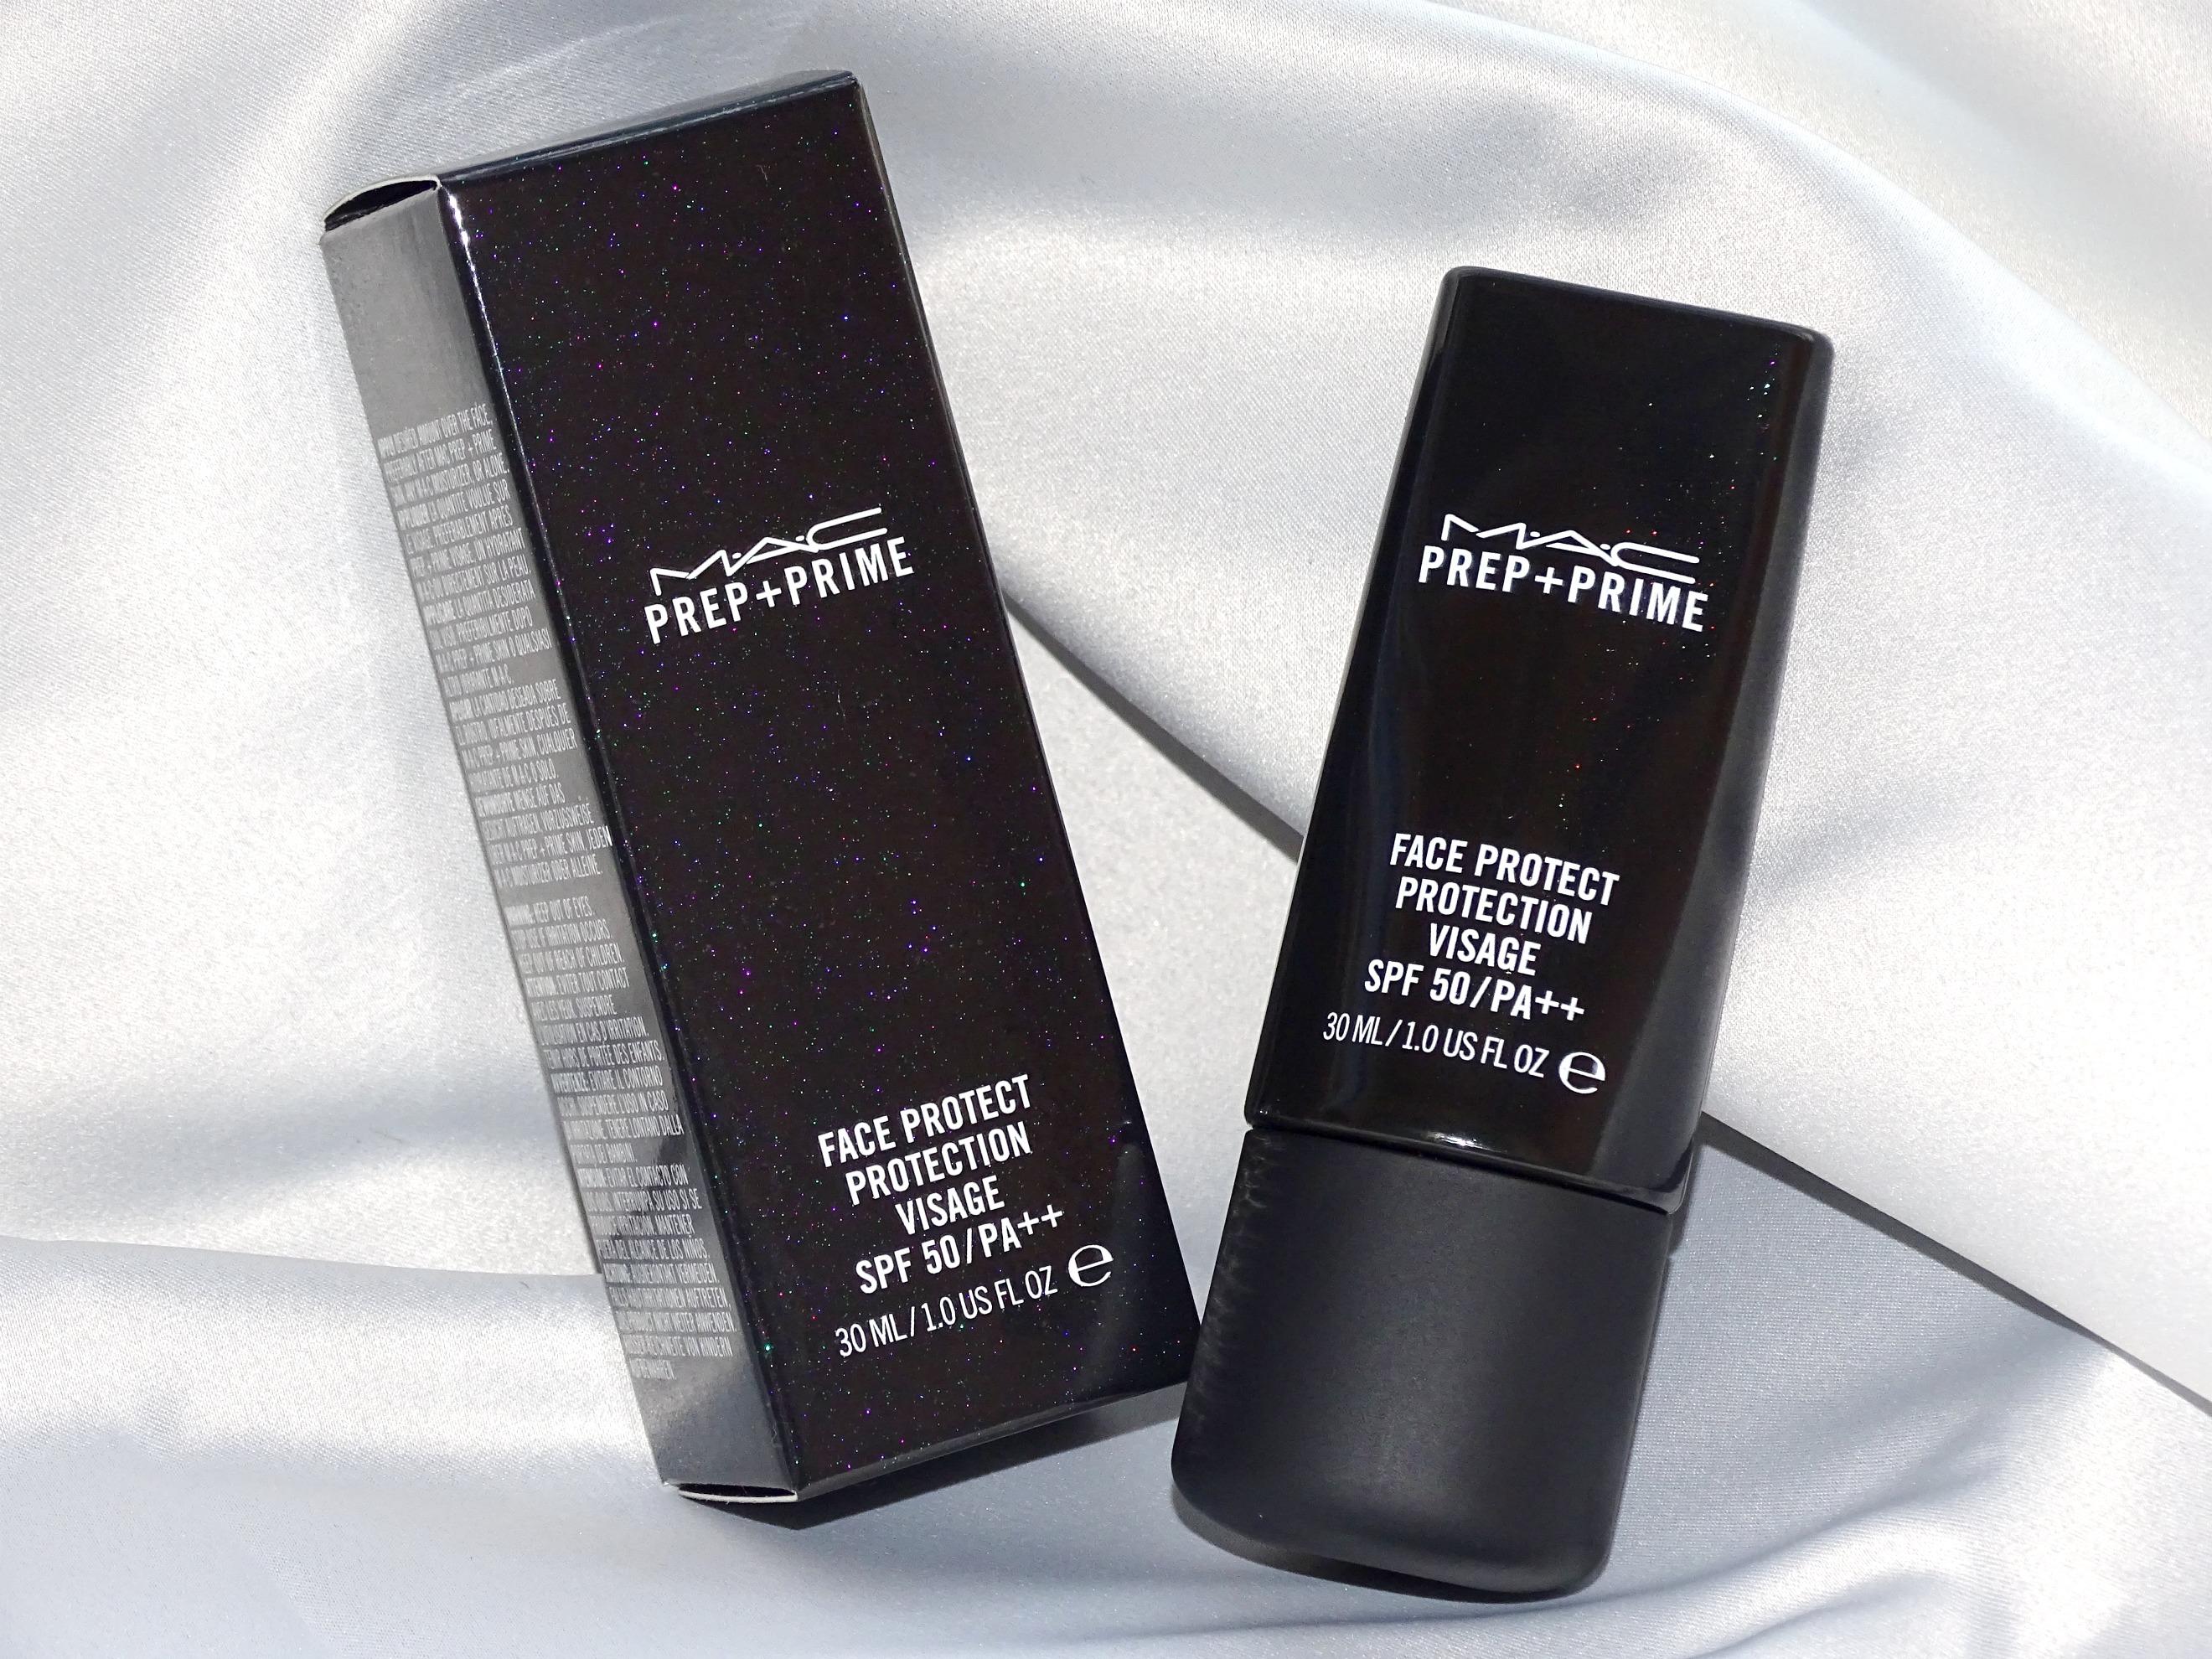 Prep + Prime Face Protect SPF 50, MAC, podkladový makeup, opaľovací krém, Letná ochrana: MAC, podkladový makeup s filtrom SPF 50